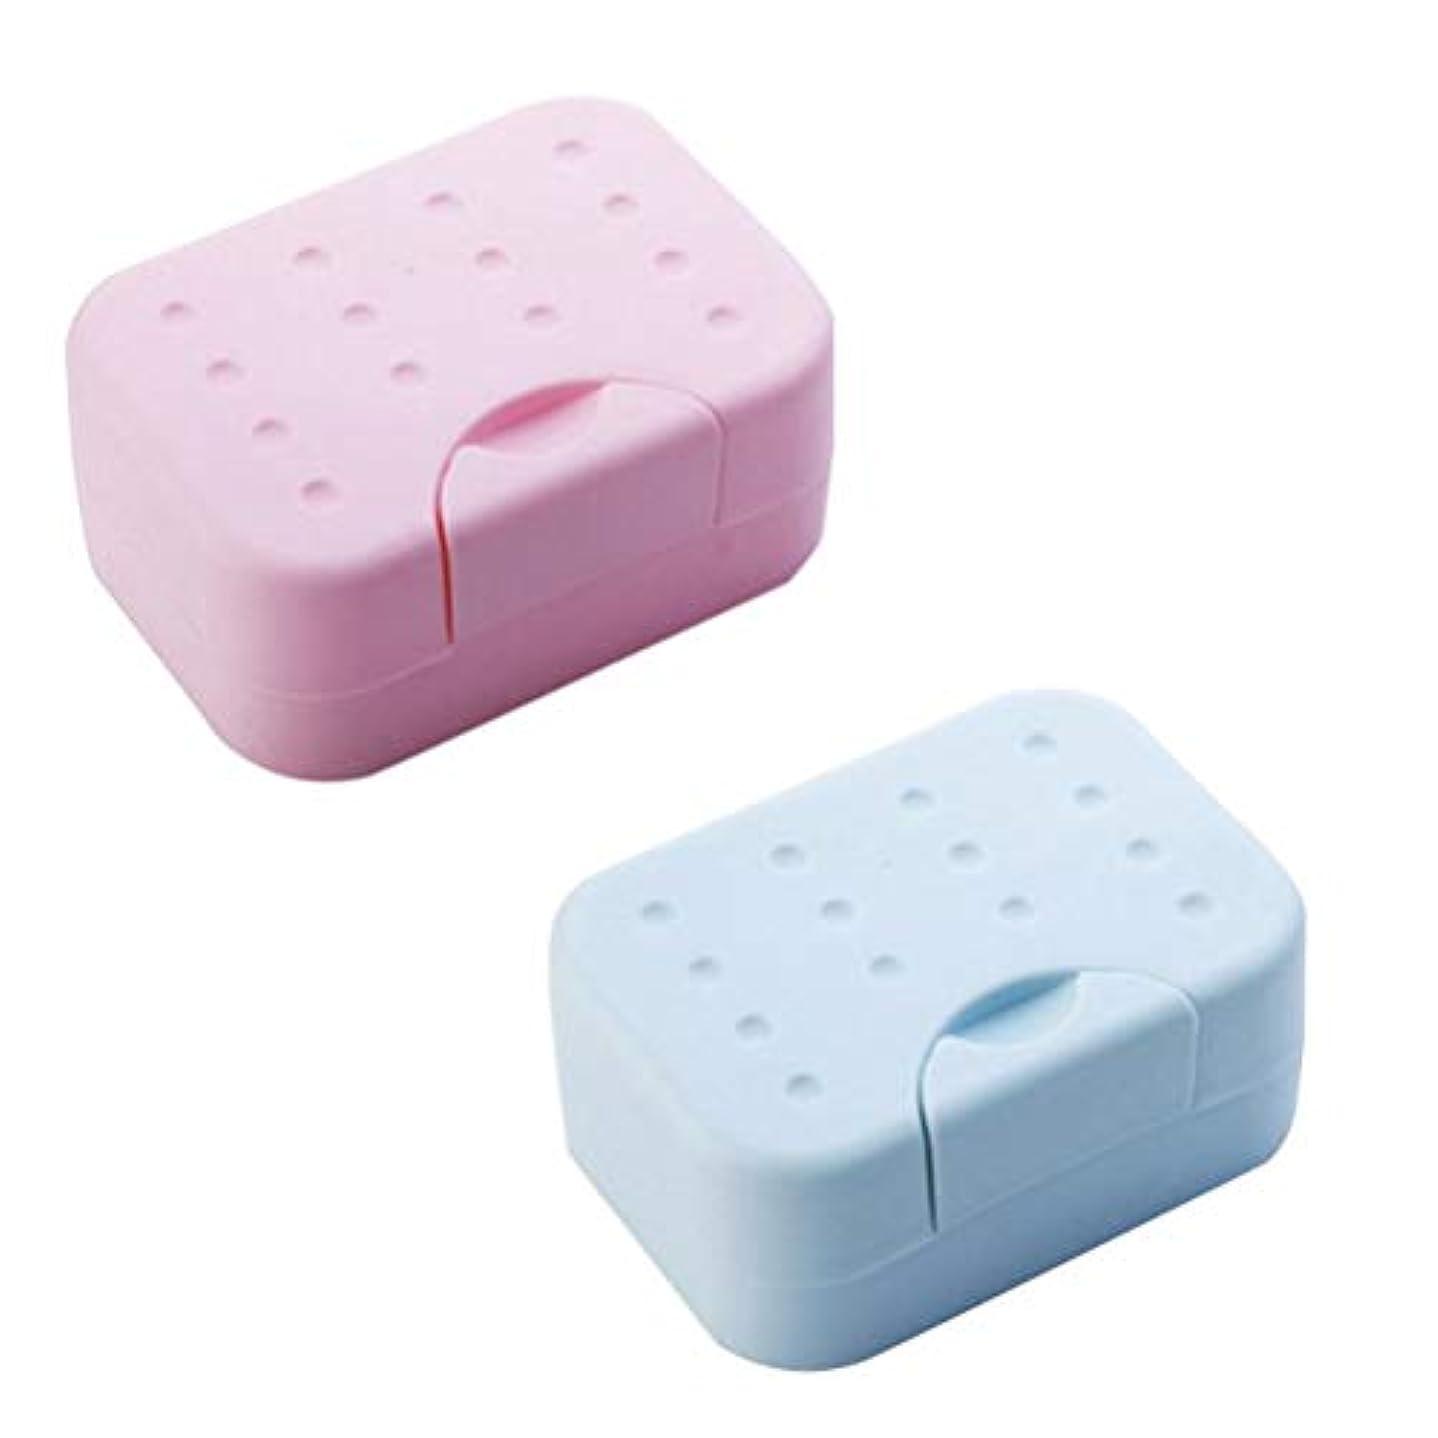 やろう隙間囚人Healifty 2PC石鹸容器旅行石鹸ボックス石けんケース耐久性プラスチック防水飲料水スポンジ石鹸キャビネットのための食器ホルダーホームバスルーム(赤と青)